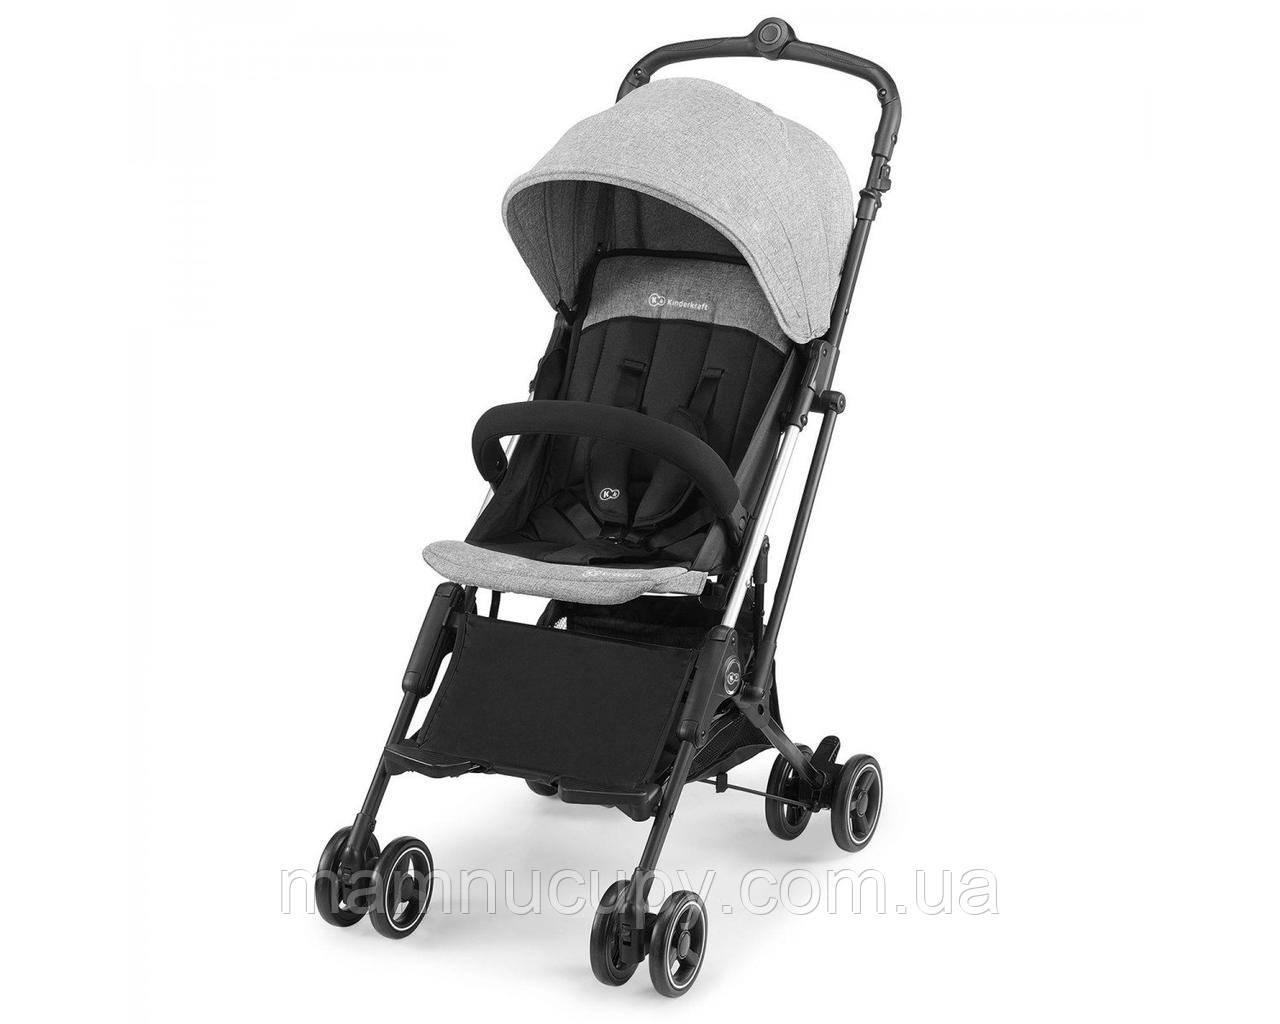 Дитяча прогулянкова коляска Kinderkraft Mini Dot Grey (Киндеркрафт Міні Дот)